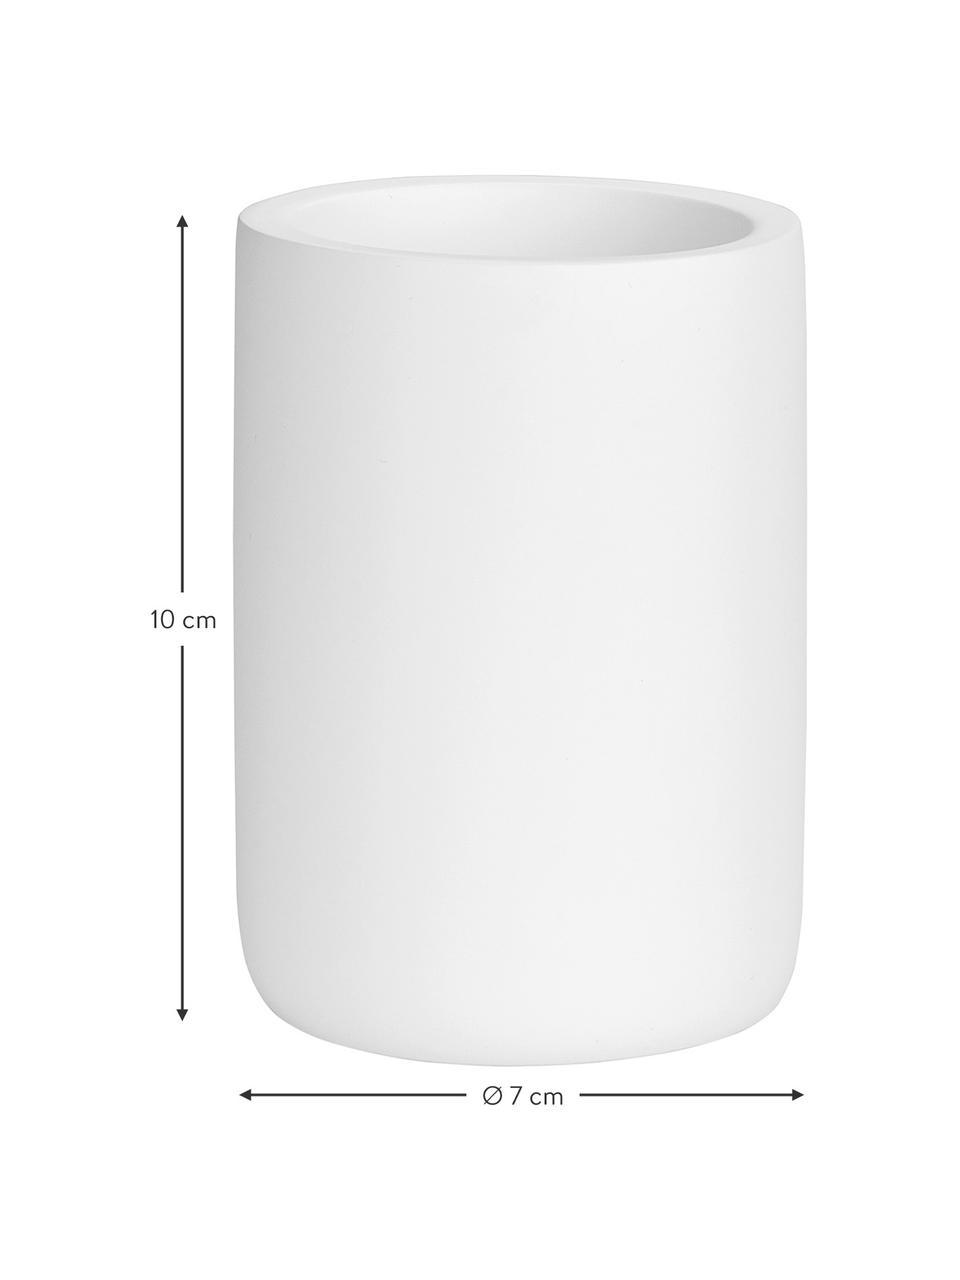 Zahnputzbecher Archway, Polyresin, Weiß, Ø 7 x H 10 cm